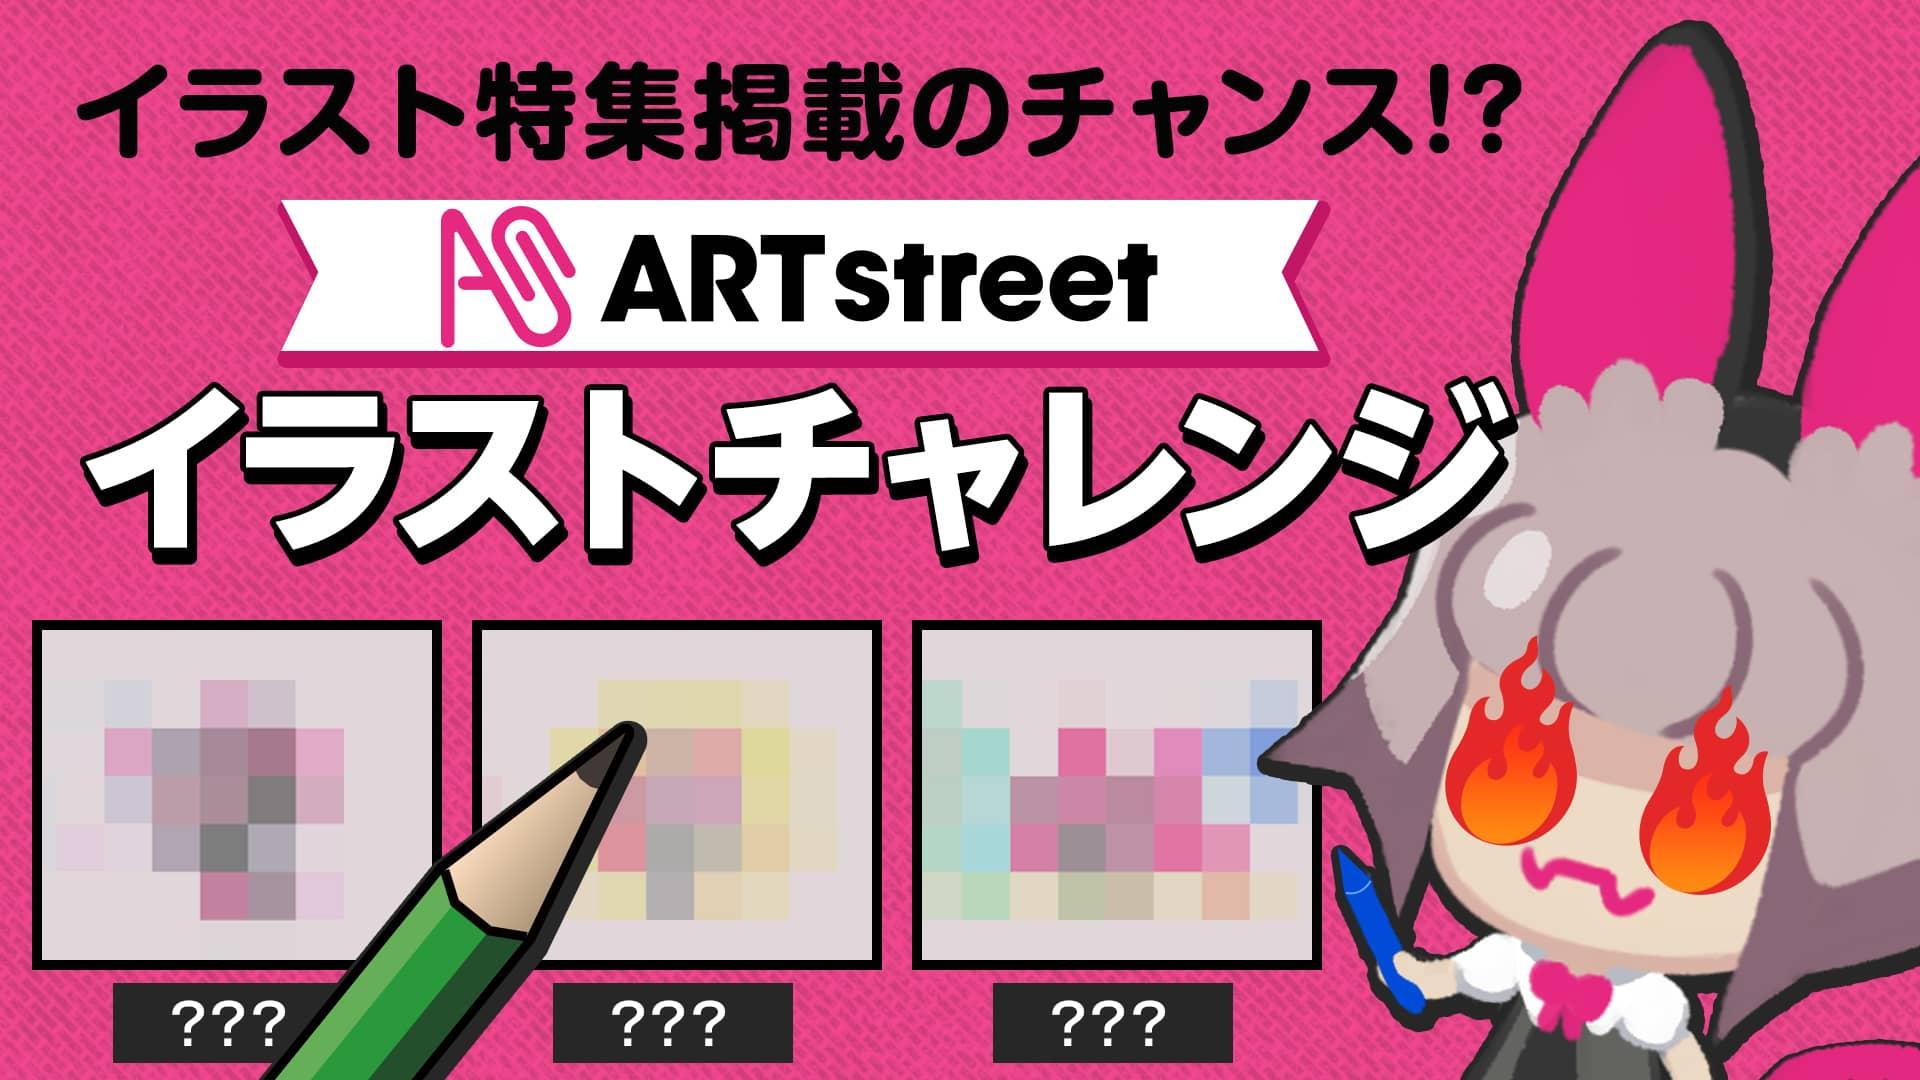 イラスト特集掲載のチャンス!? ART street イラストチャレンジ